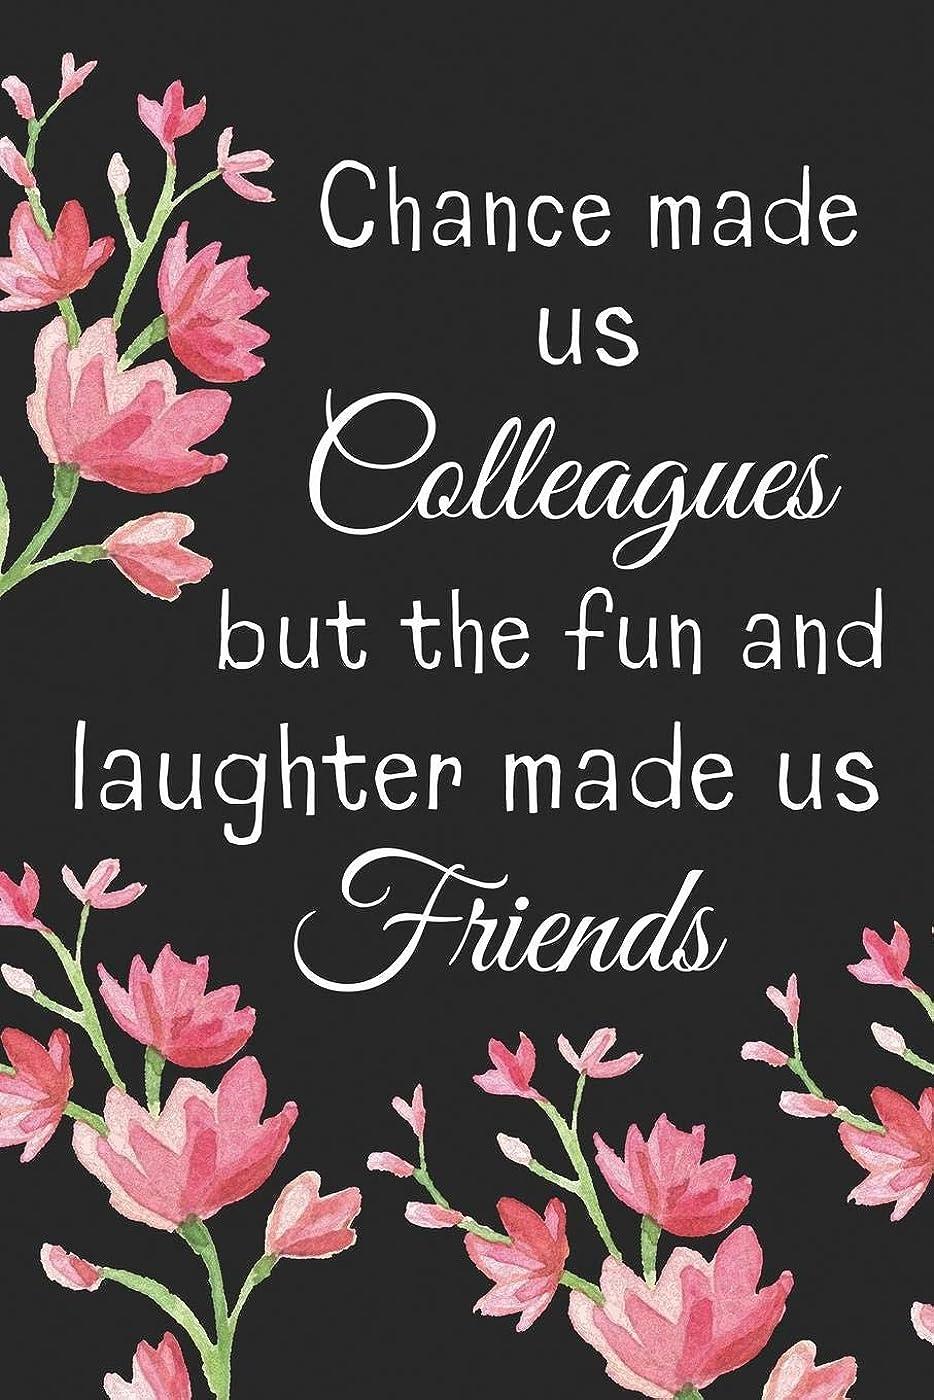 音声物理的に眉Chance Made us Colleagues But the Fun and Laughter Made us Friends: Chance Made Us Colleagues Gifts Notebook/Journal/Diary - Friendship Gifts for Women, Colleagues, Best Friends, Co Worker, Sister, Retirement, Birthday, Christmas, Xmas - Cute Presents